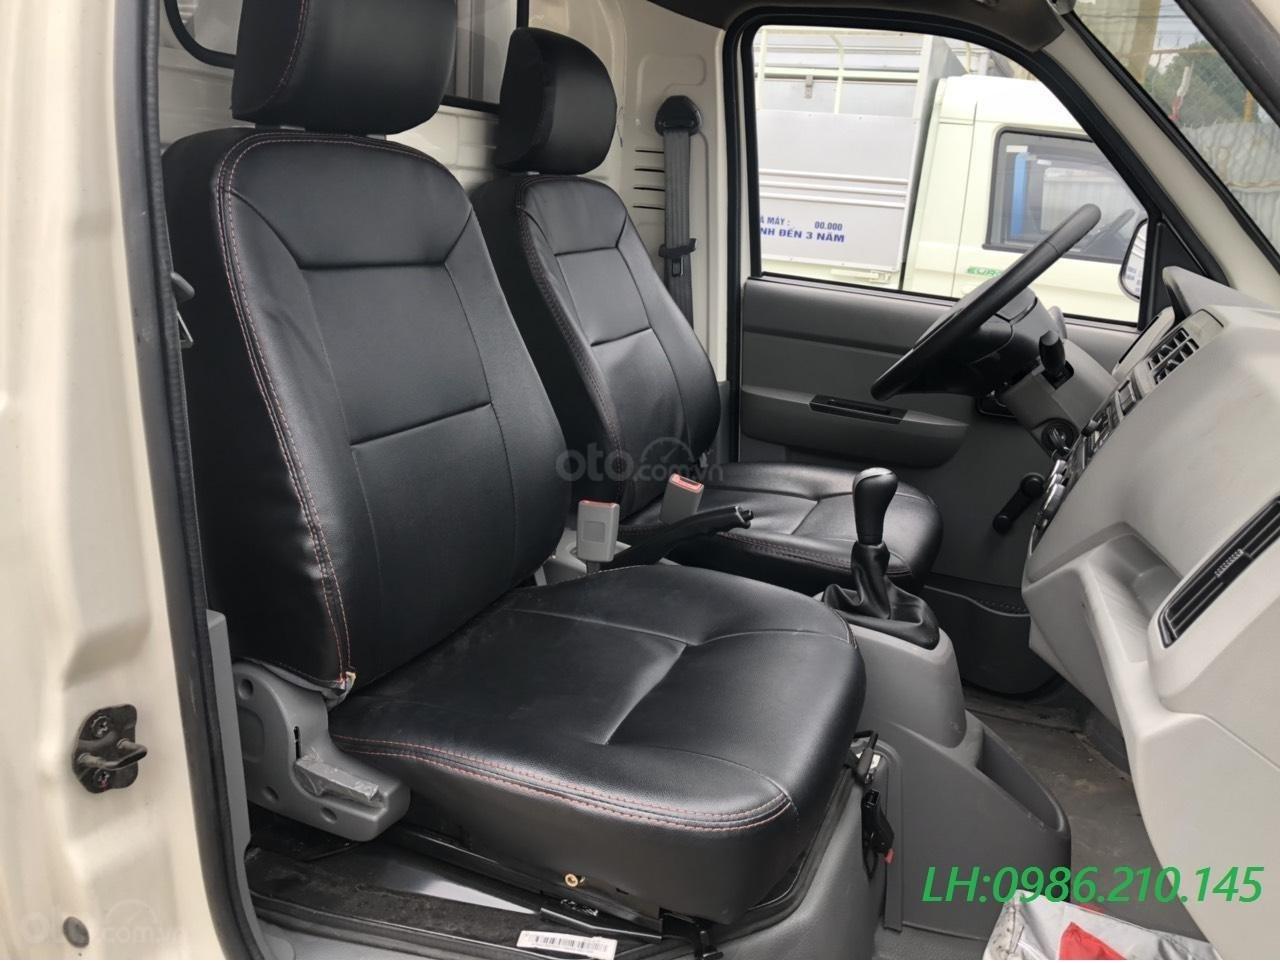 Cần bán xe Thaco 820kg đời 2019, màu xanh lam, nhập khẩu nguyên chiếc, giá tốt (6)